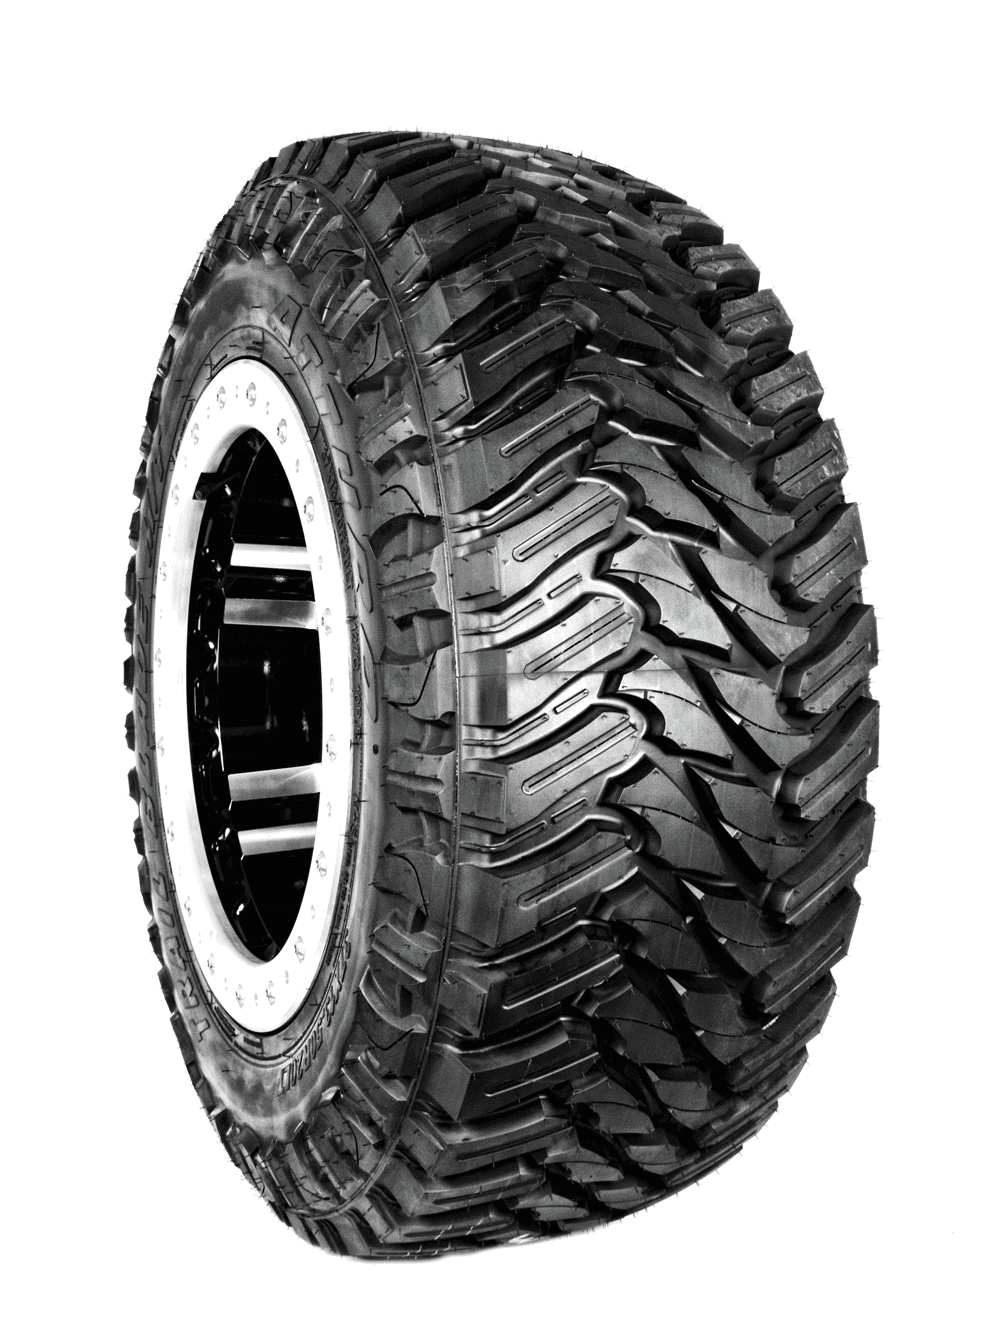 Atturo Trail Blade M/T Tire